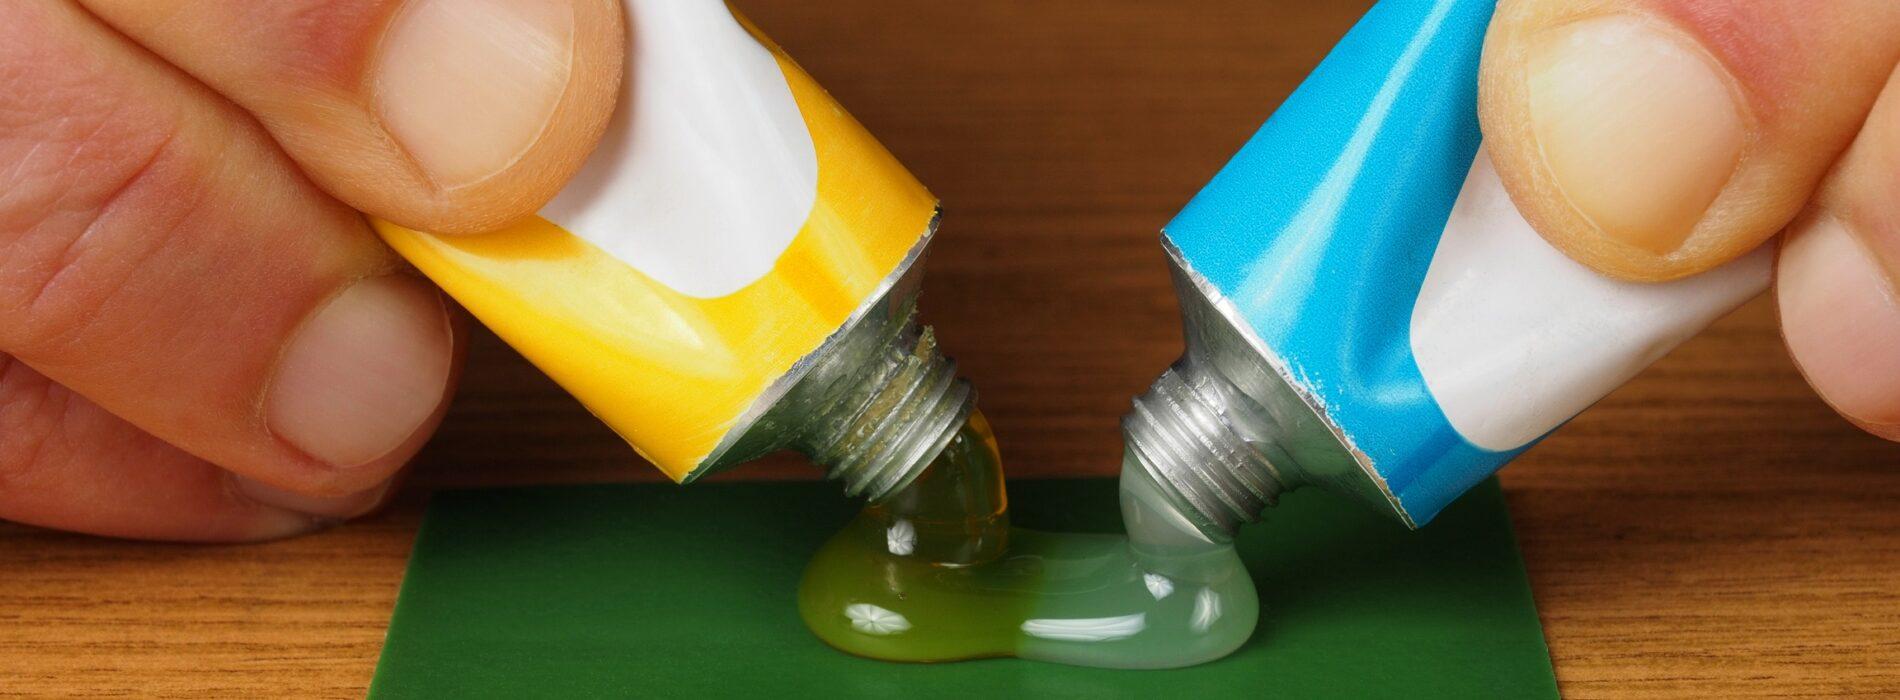 Klej epoksydowy – niepozorne spoiwo, które daje wiele możliwości!